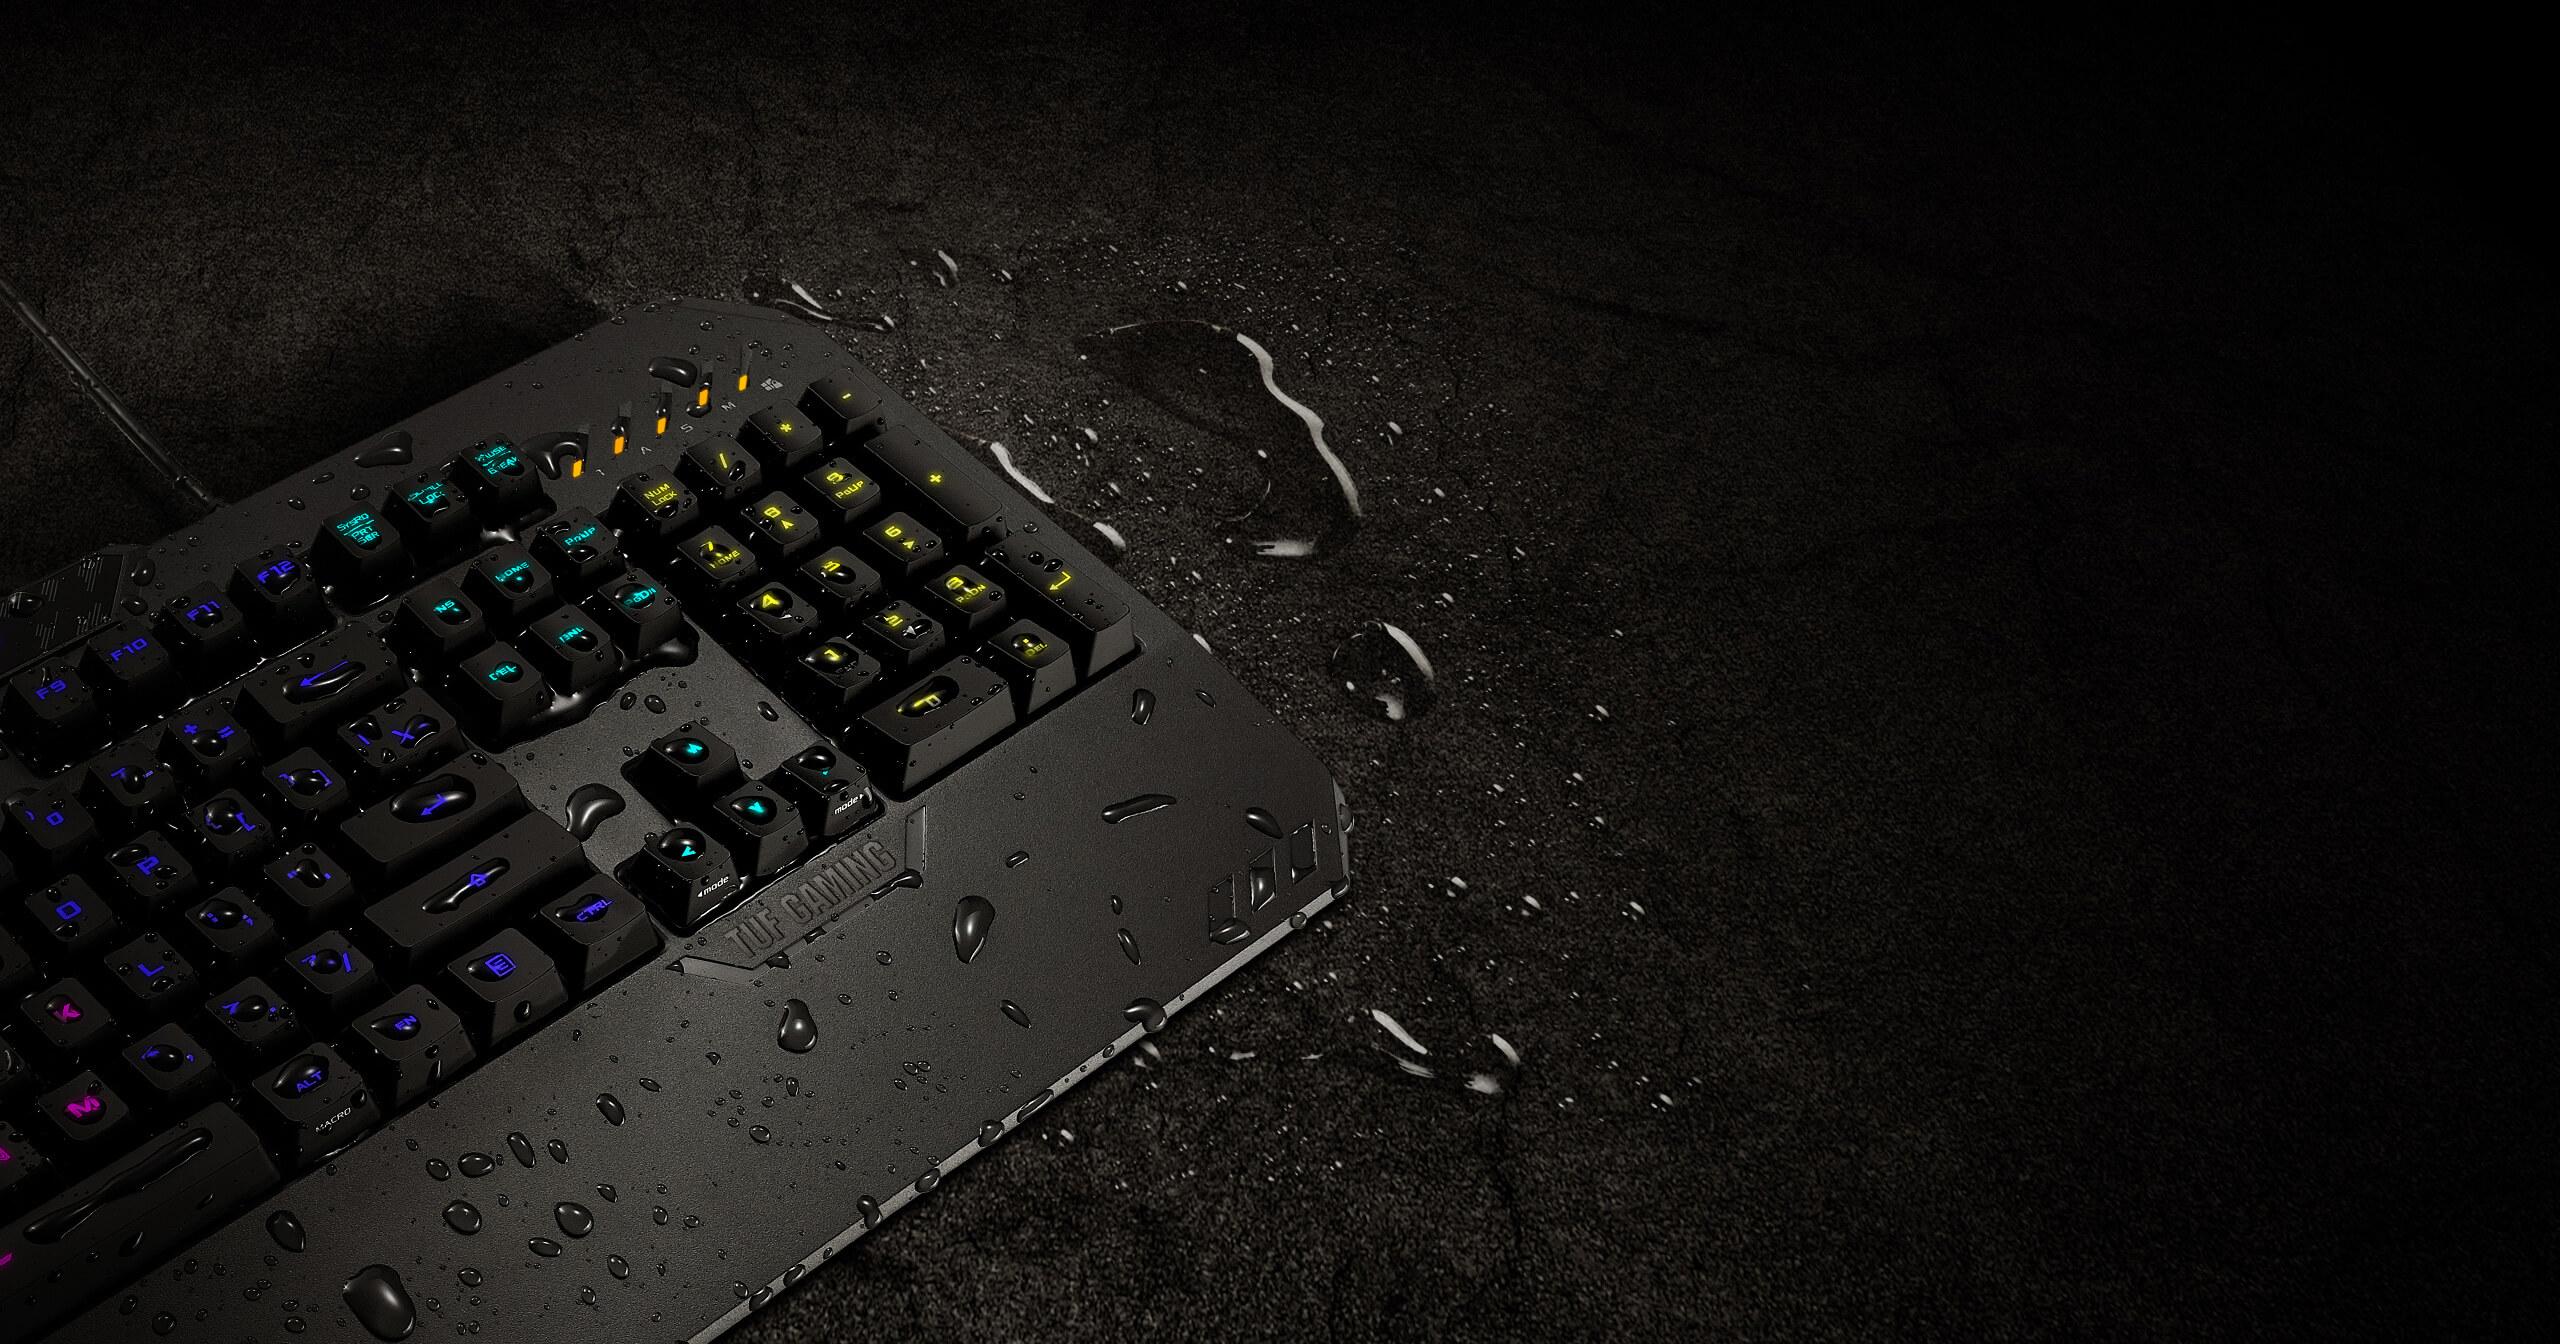 Bàn phím chơi game Asus TUF K5 (USB/RGB/Đen) có tính năng chống tràn nước rất hiệu quả